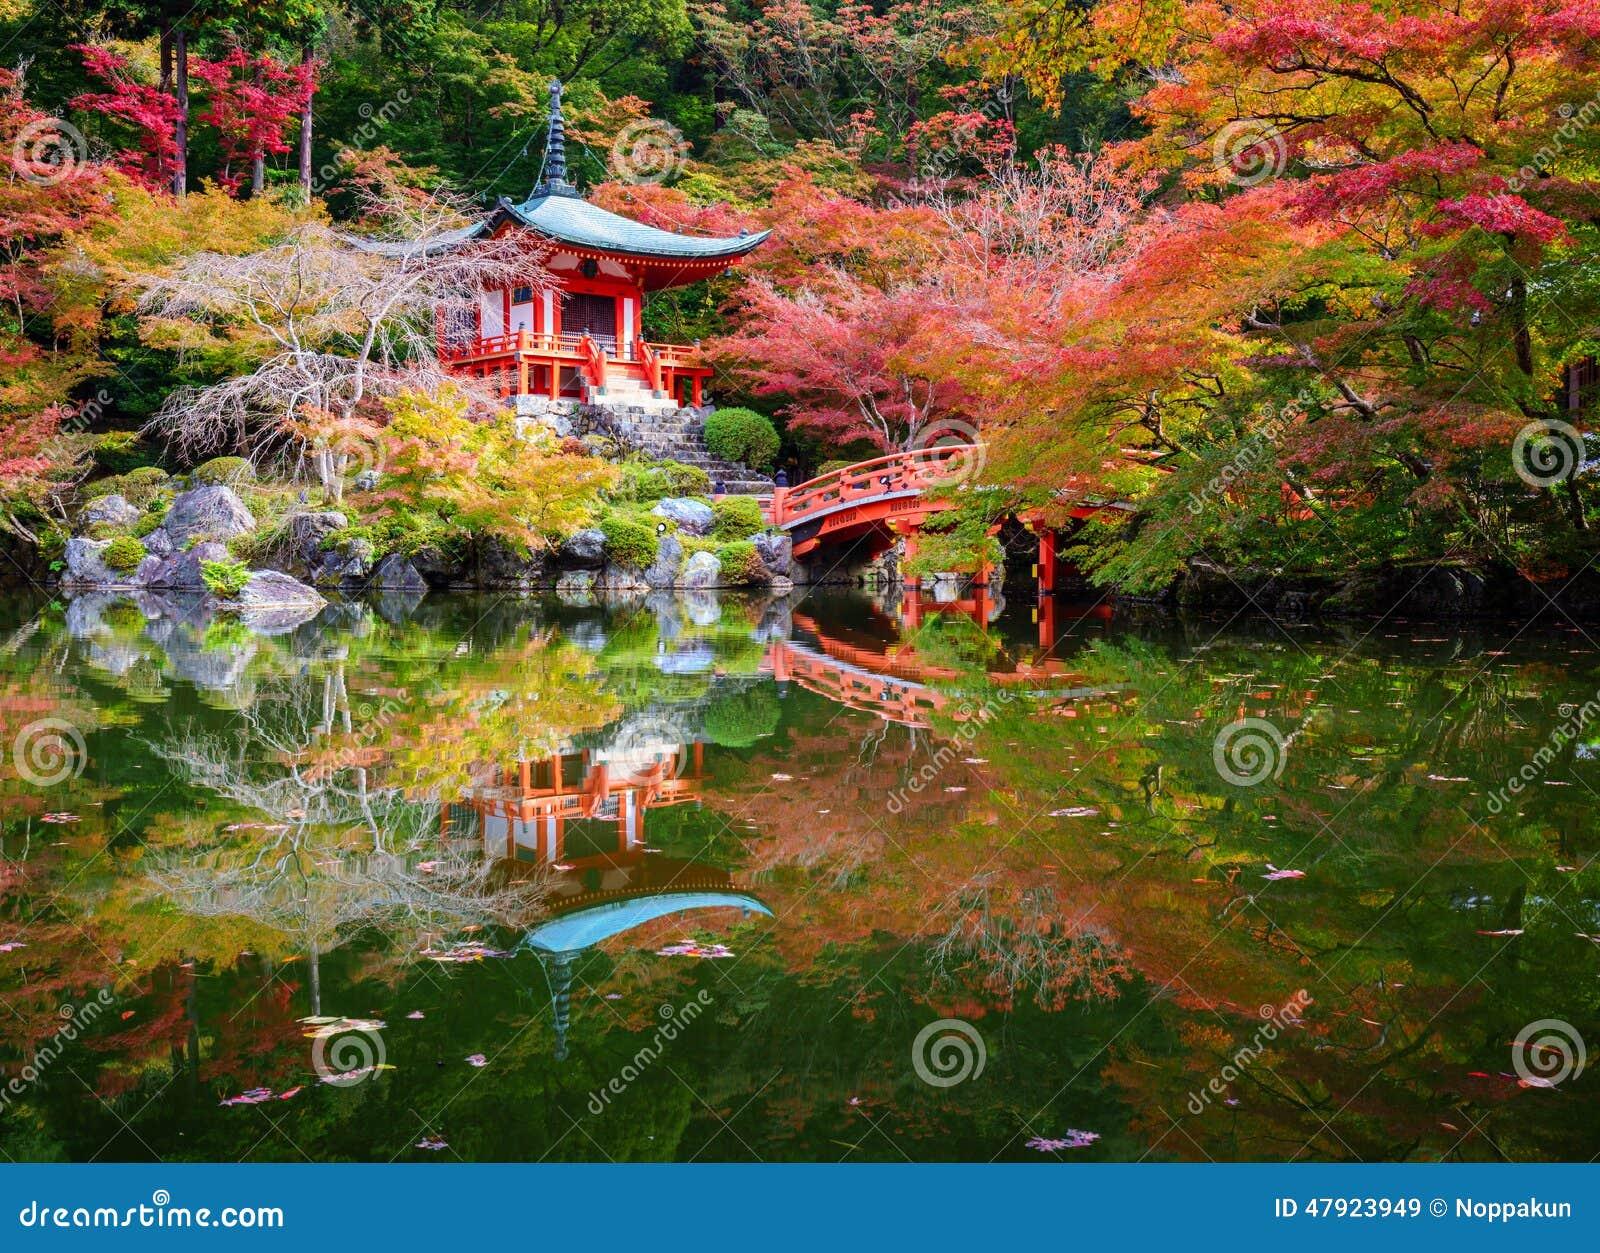 Tempio in autunno, Kyoto, Giappone di Daigoji